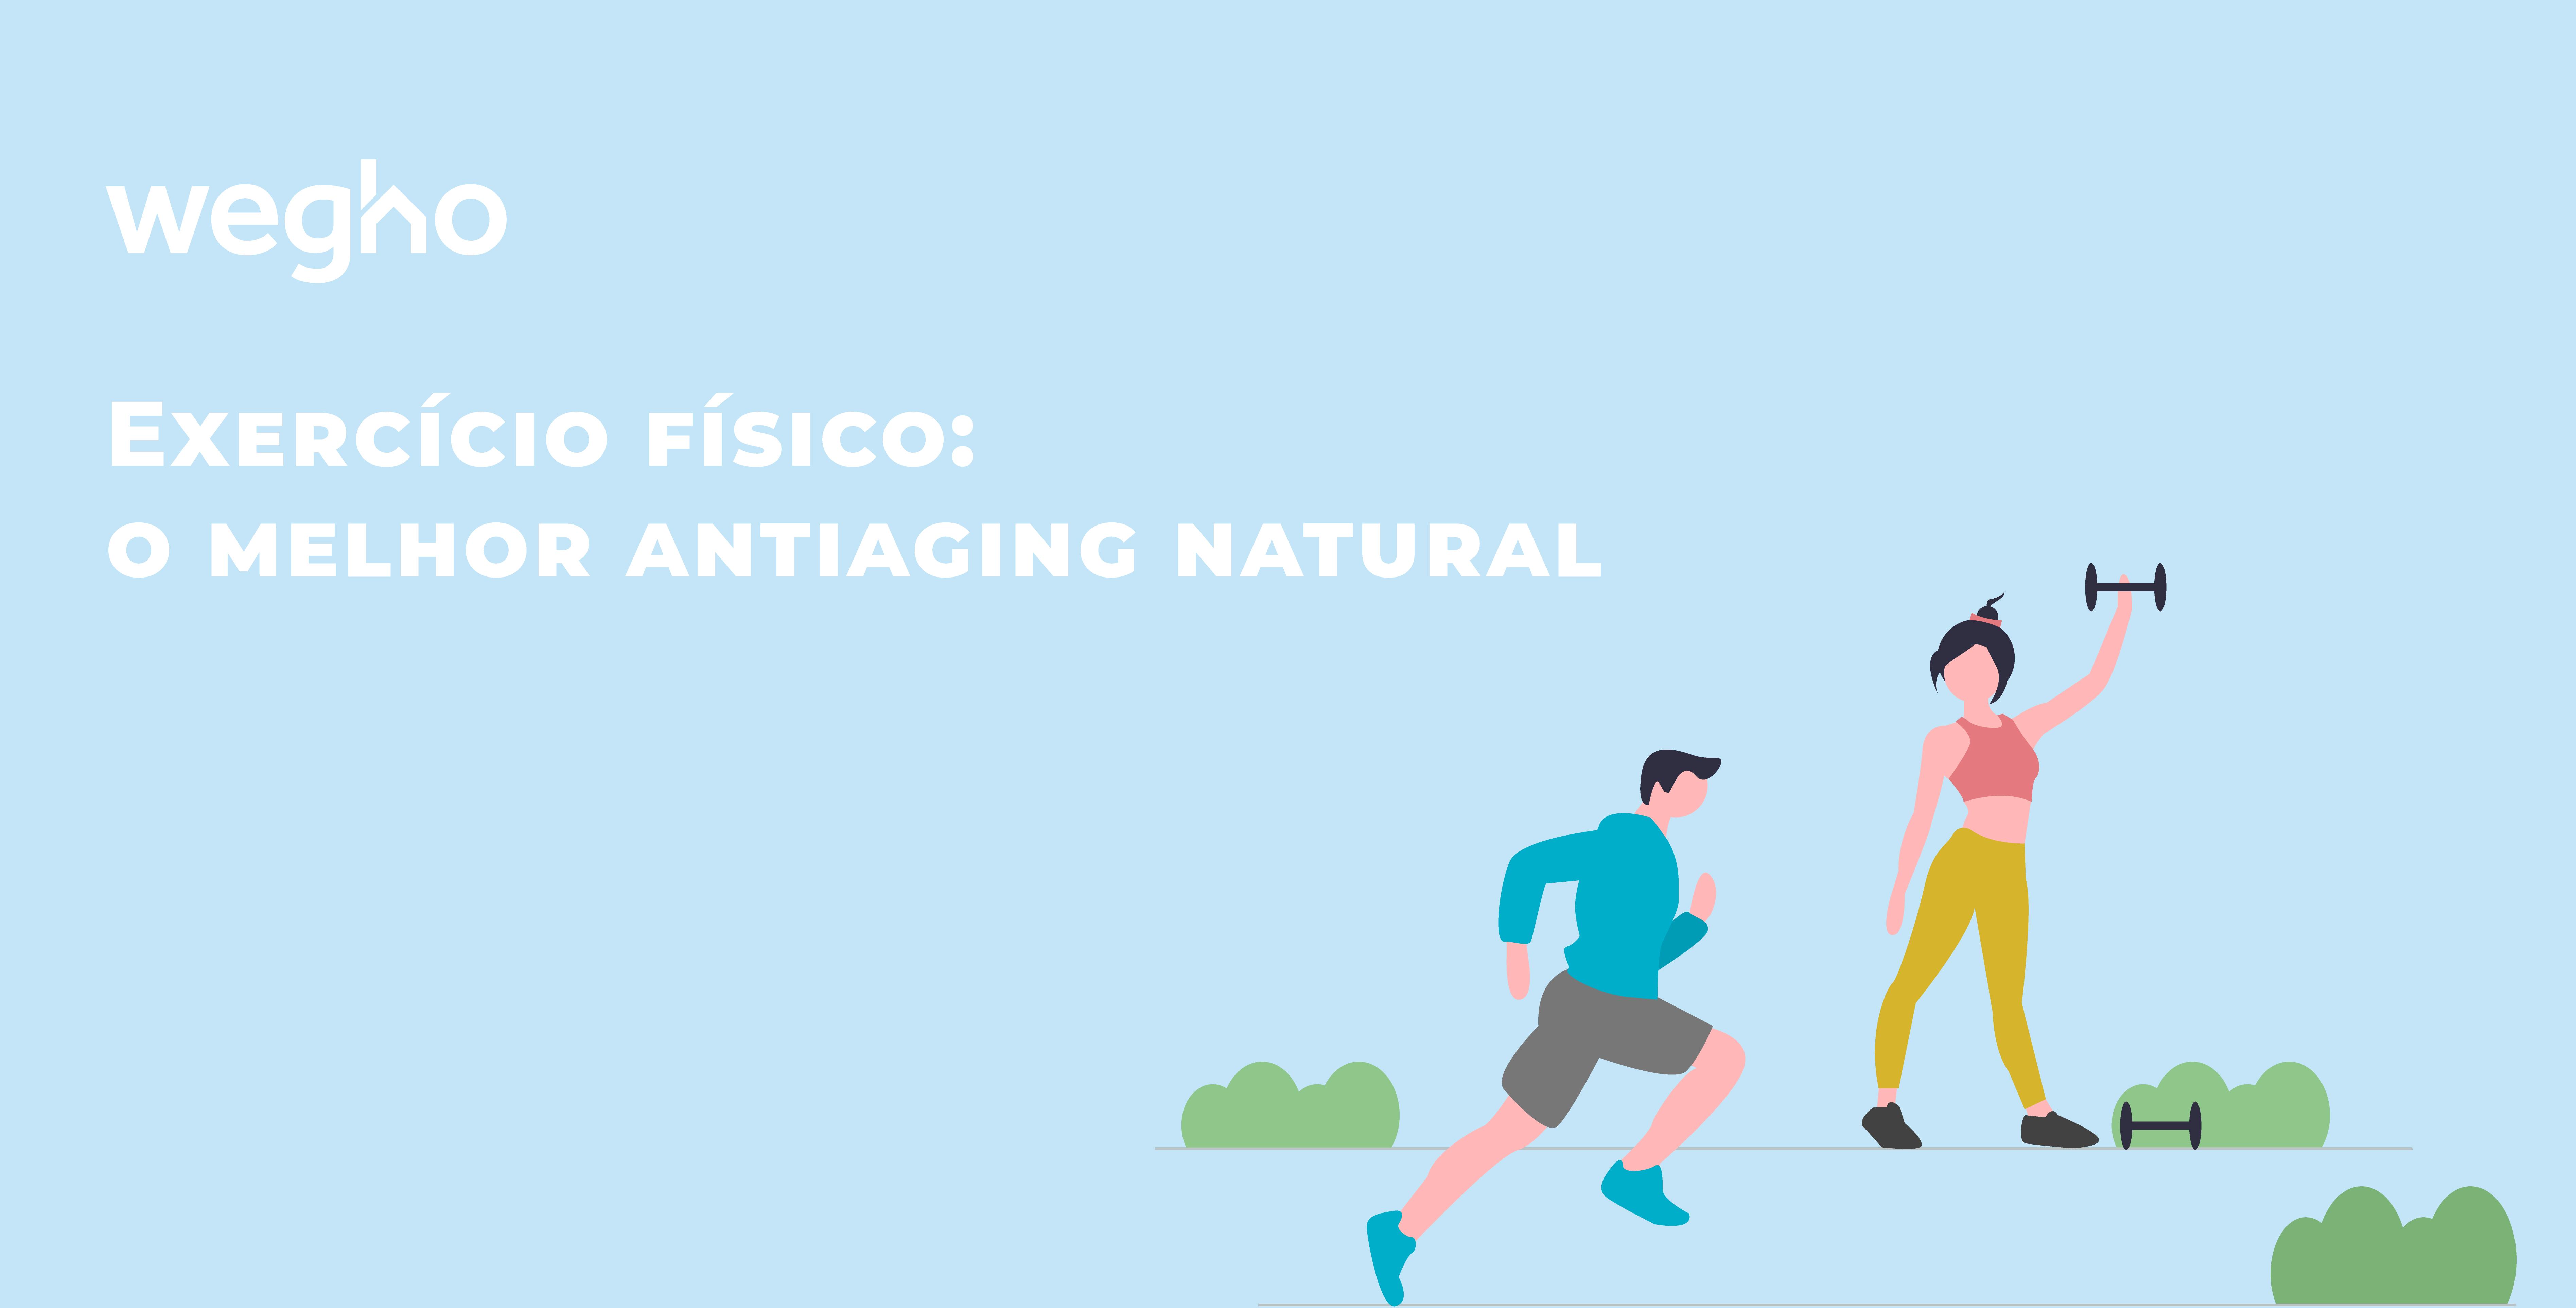 Exercício físico: o melhor anti-aging natural | Blog egho